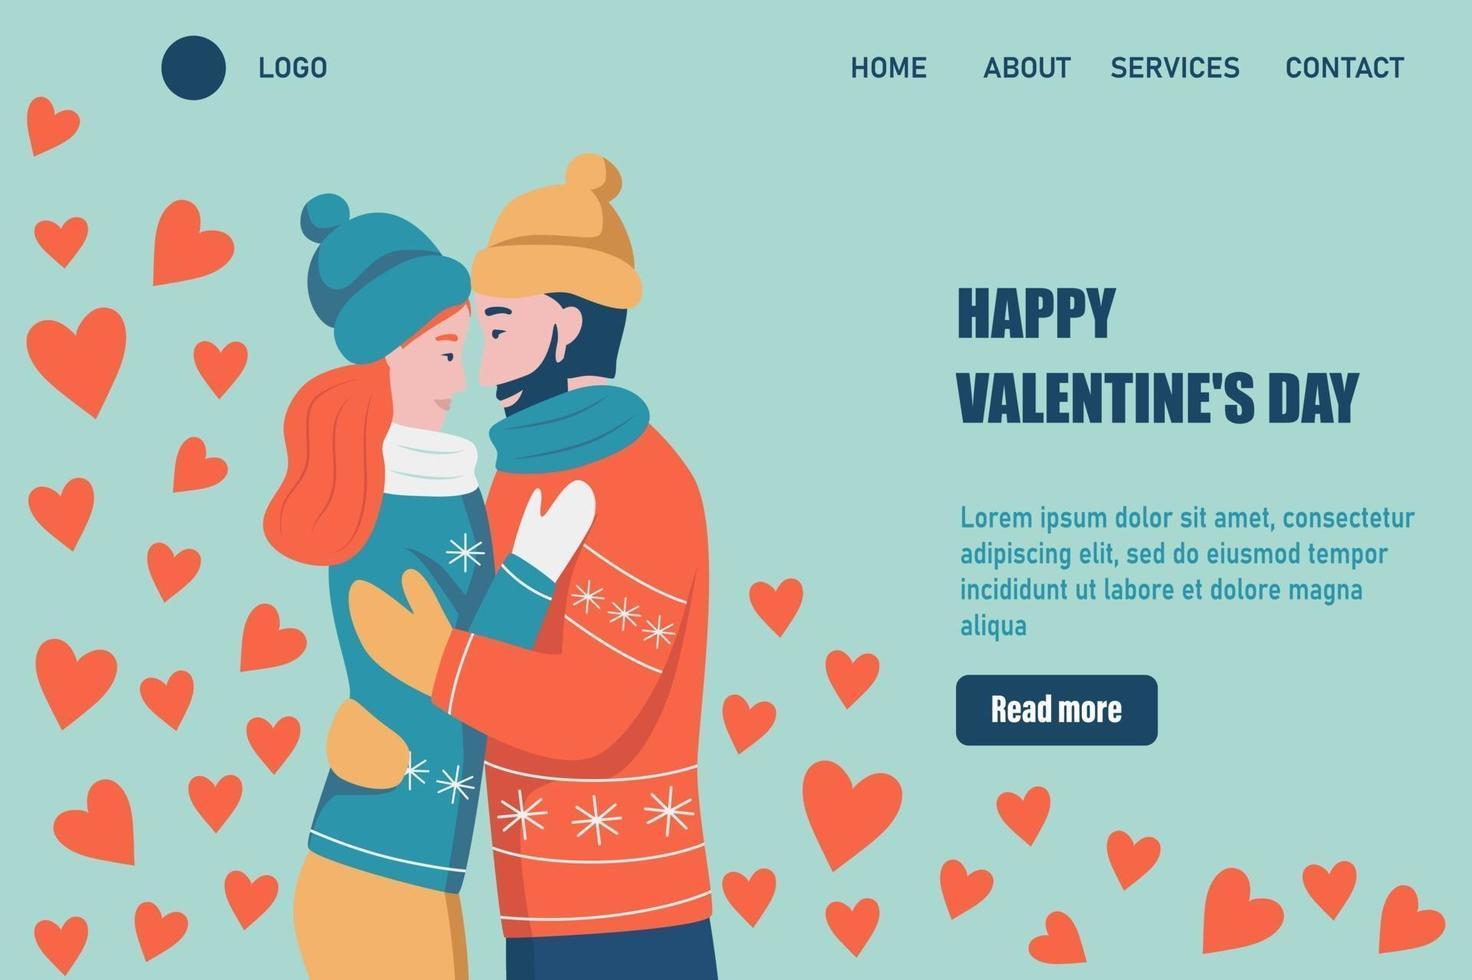 felice modello di vettore della pagina di destinazione di San Valentino. abbracci di coppia amorosa. un appuntamento, un uomo e una donna innamorati festeggiano. illustrazione vettoriale piatta